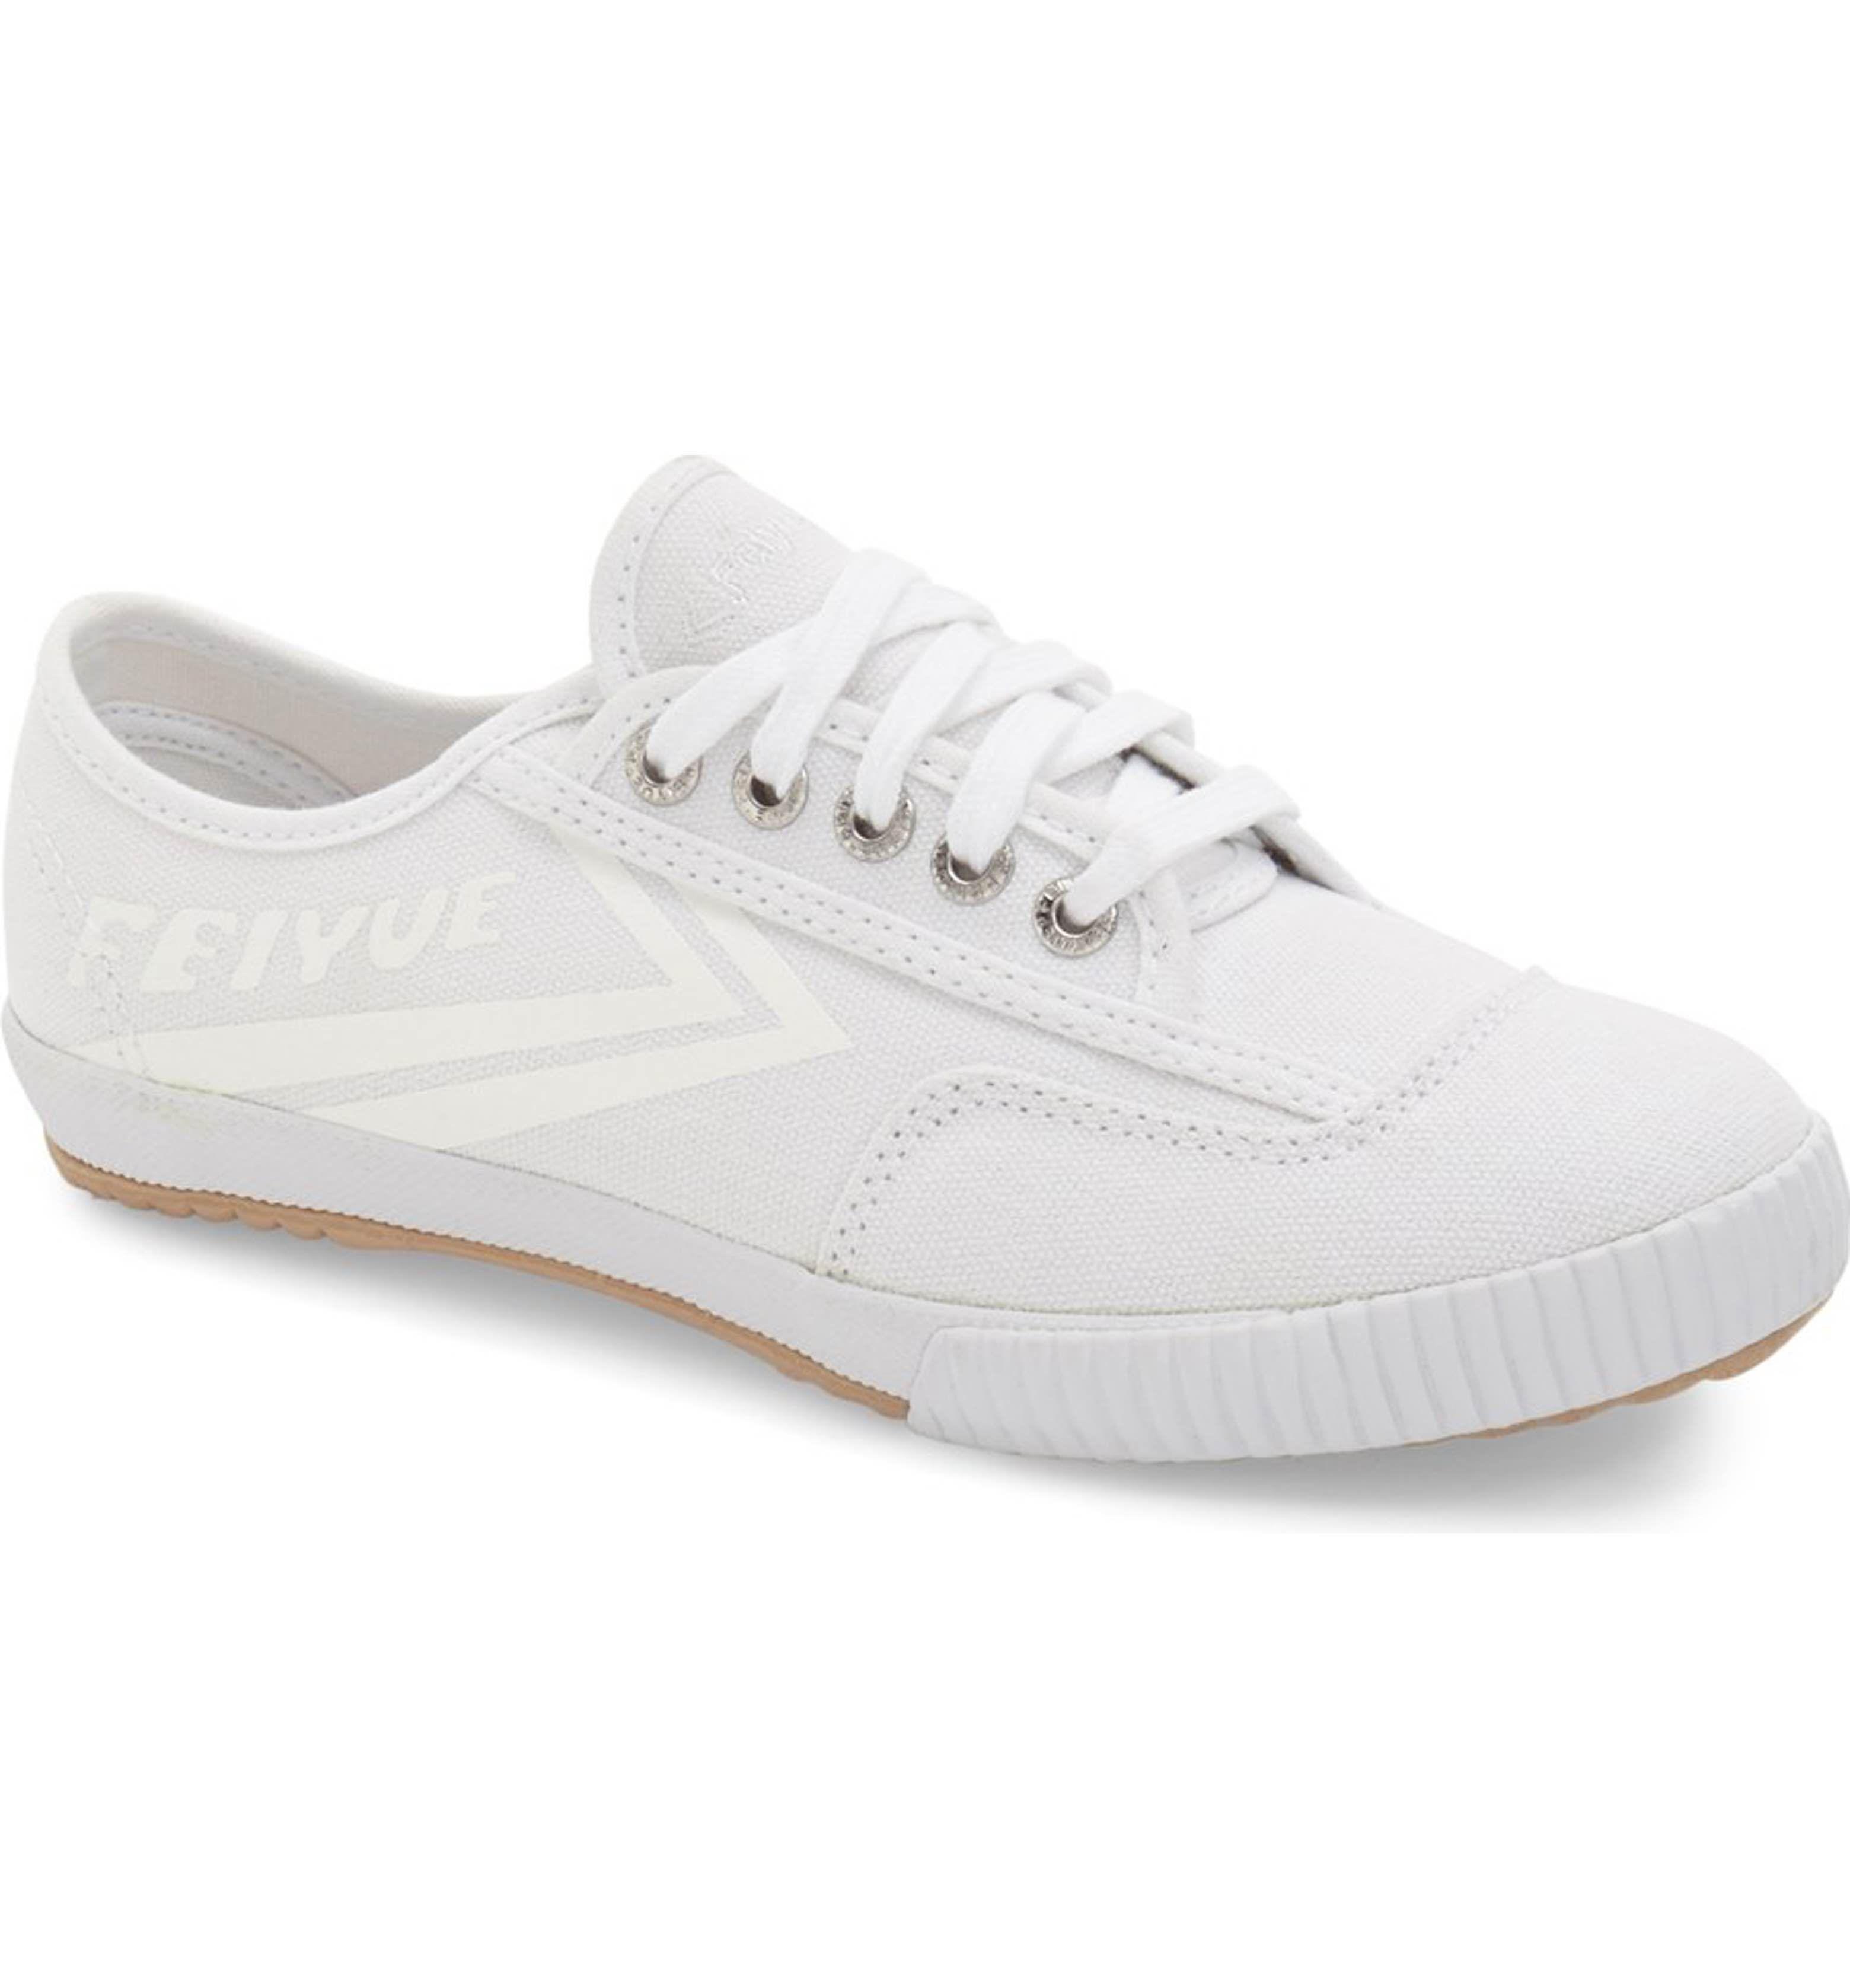 Feiyue. 'Fe Lo Plain' Canvas Sneaker